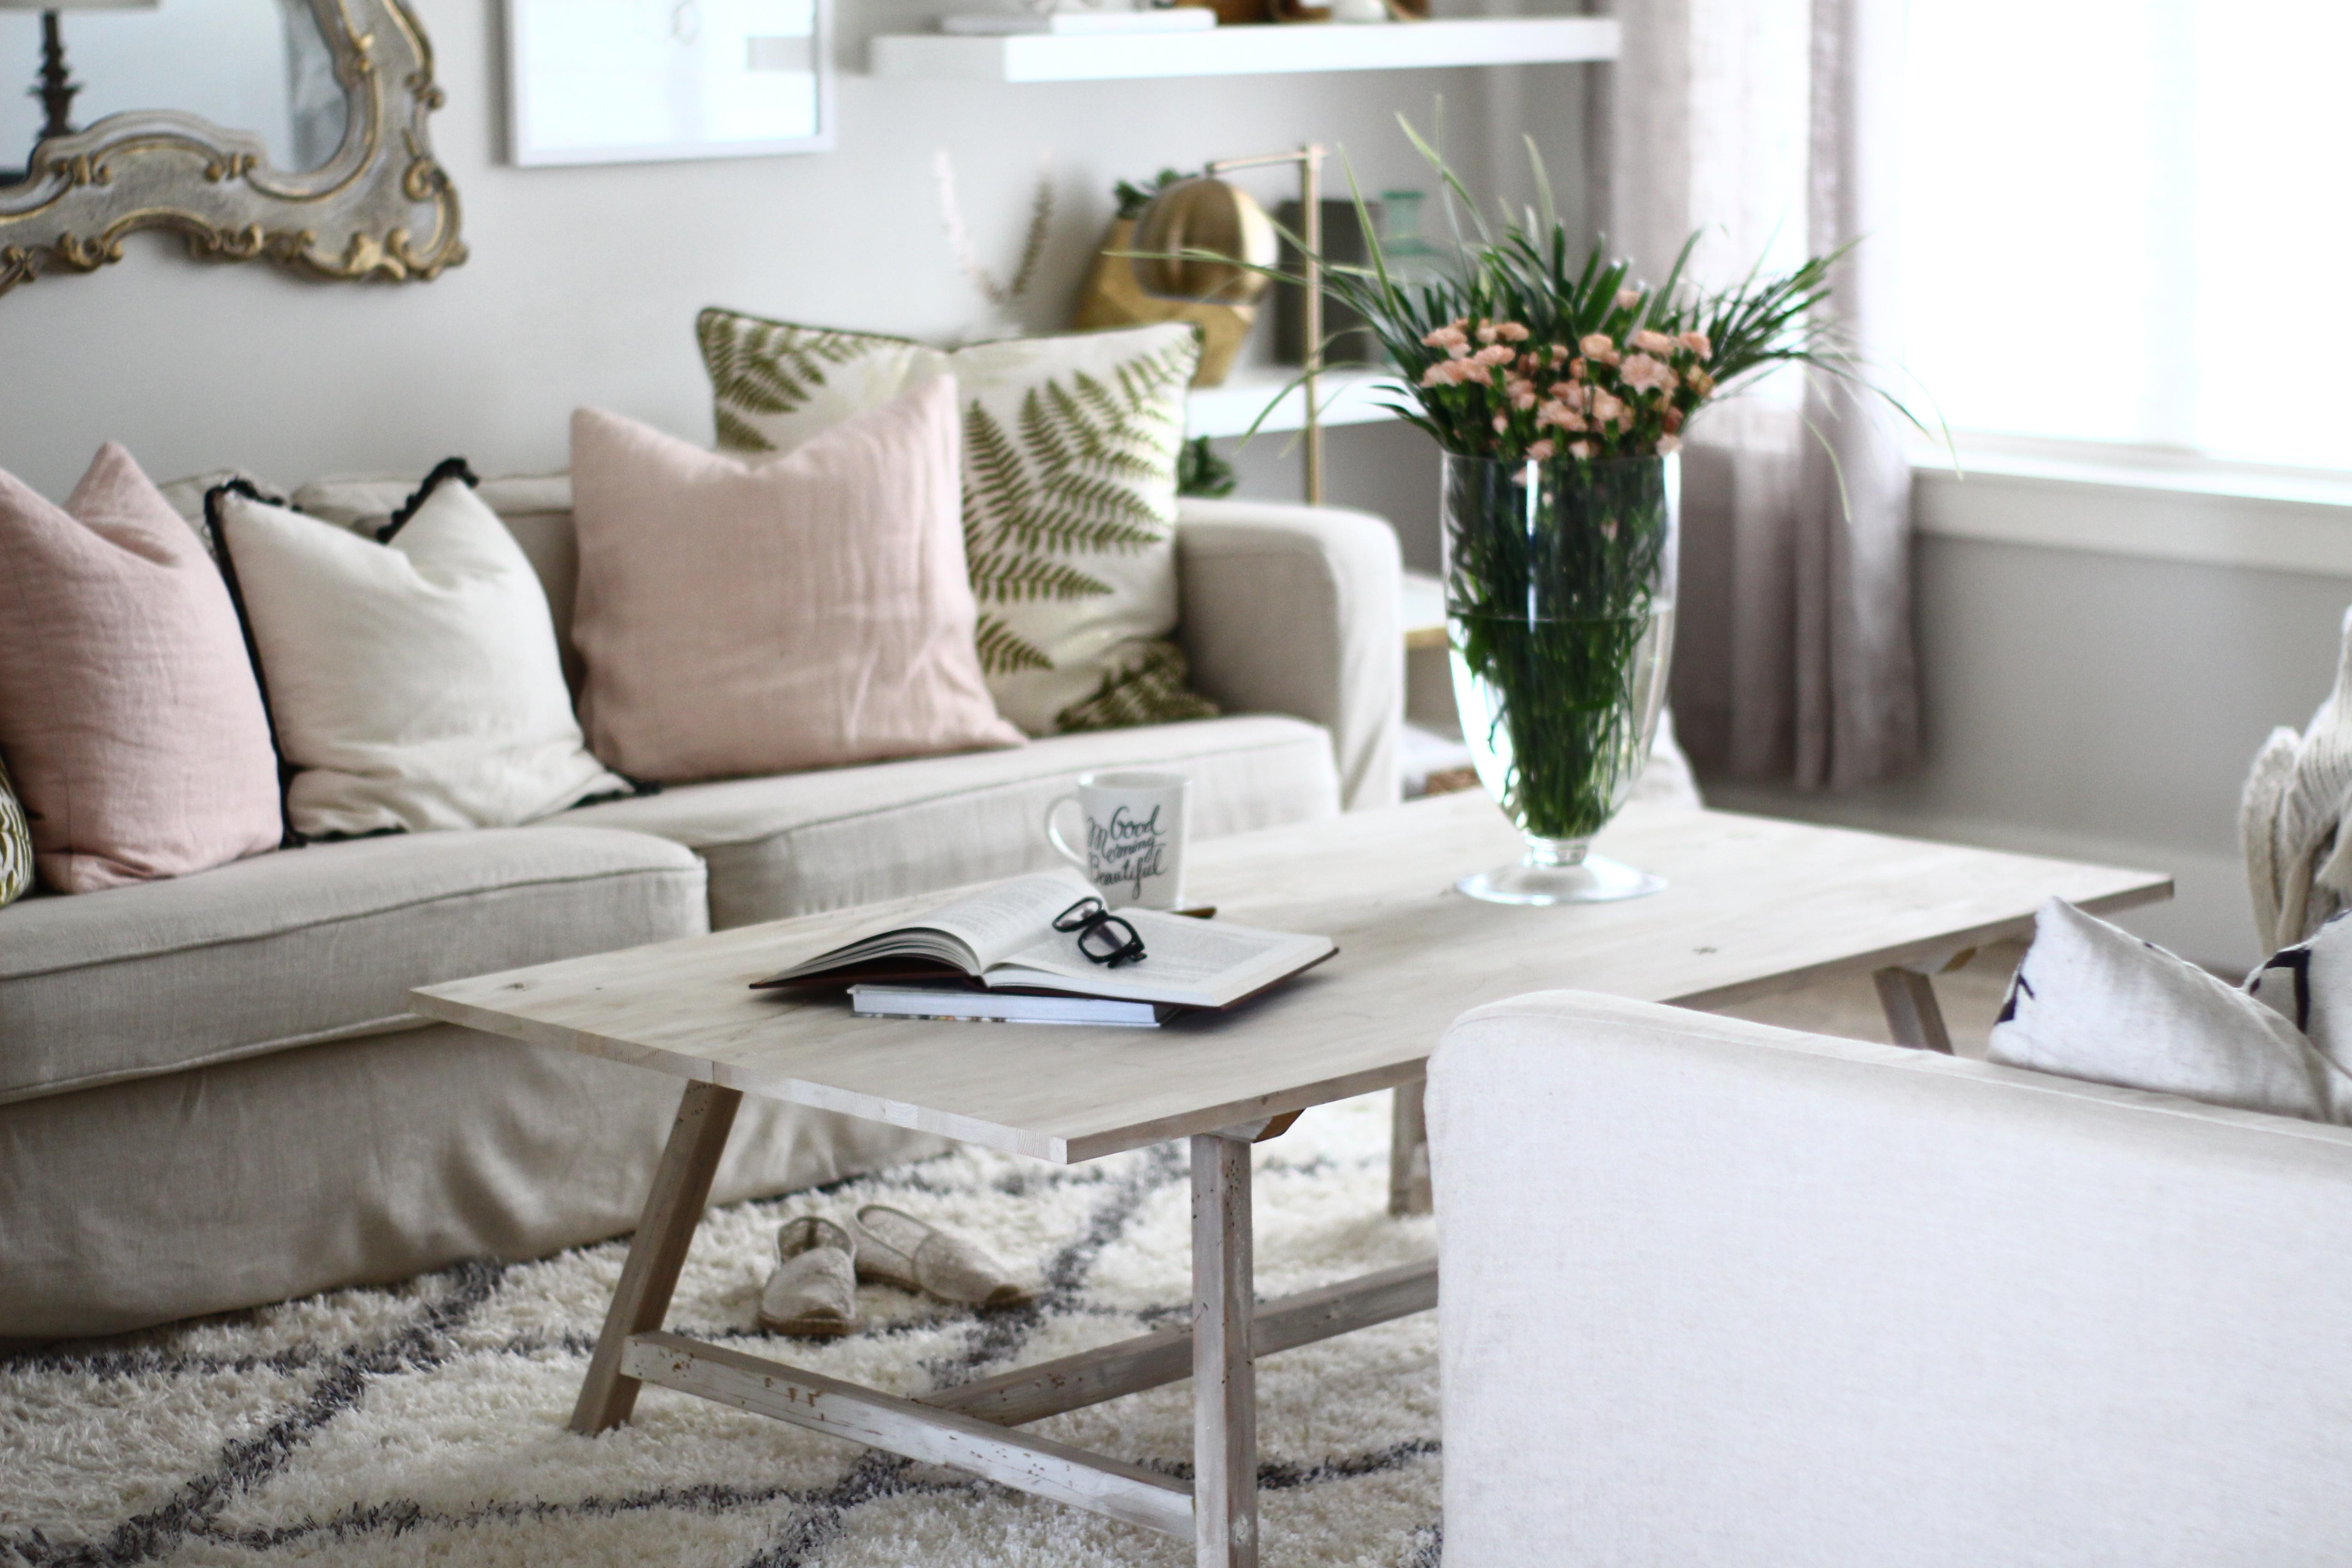 Hướng dẫn trang trí phòng khách theo tông màu trắng kem chủ đạo